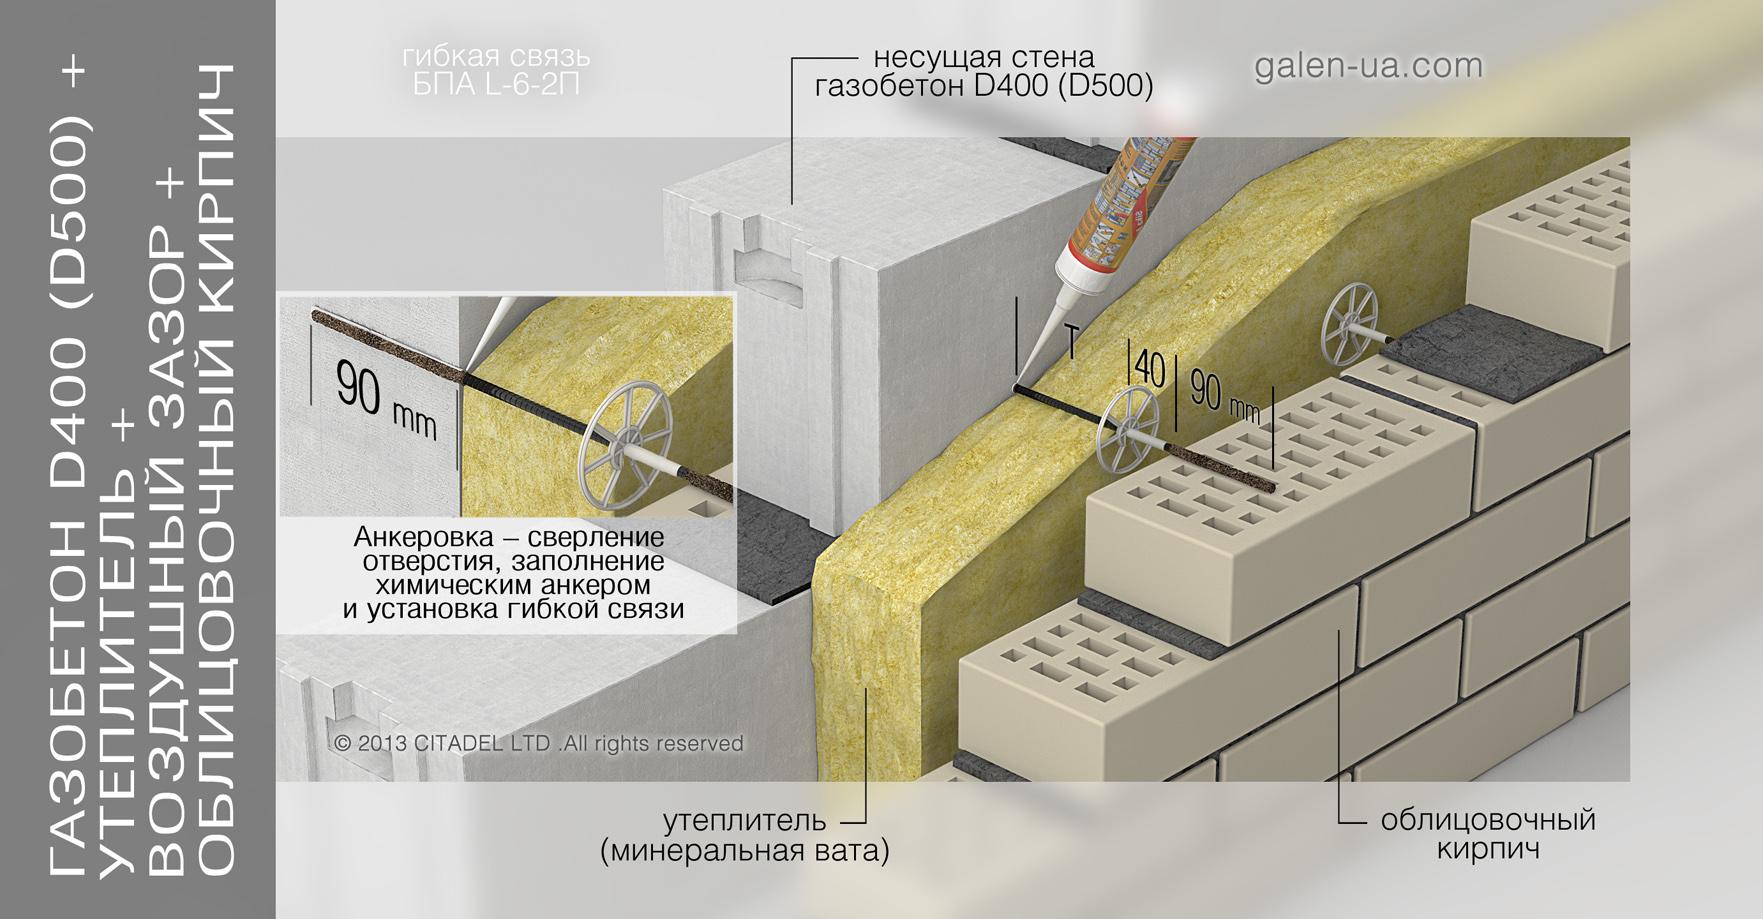 Гибкая связь БПА L-6-2П: Газобето D400 (D500) + Утеплитель + Воздушный зазор + Облицовочный кирпич